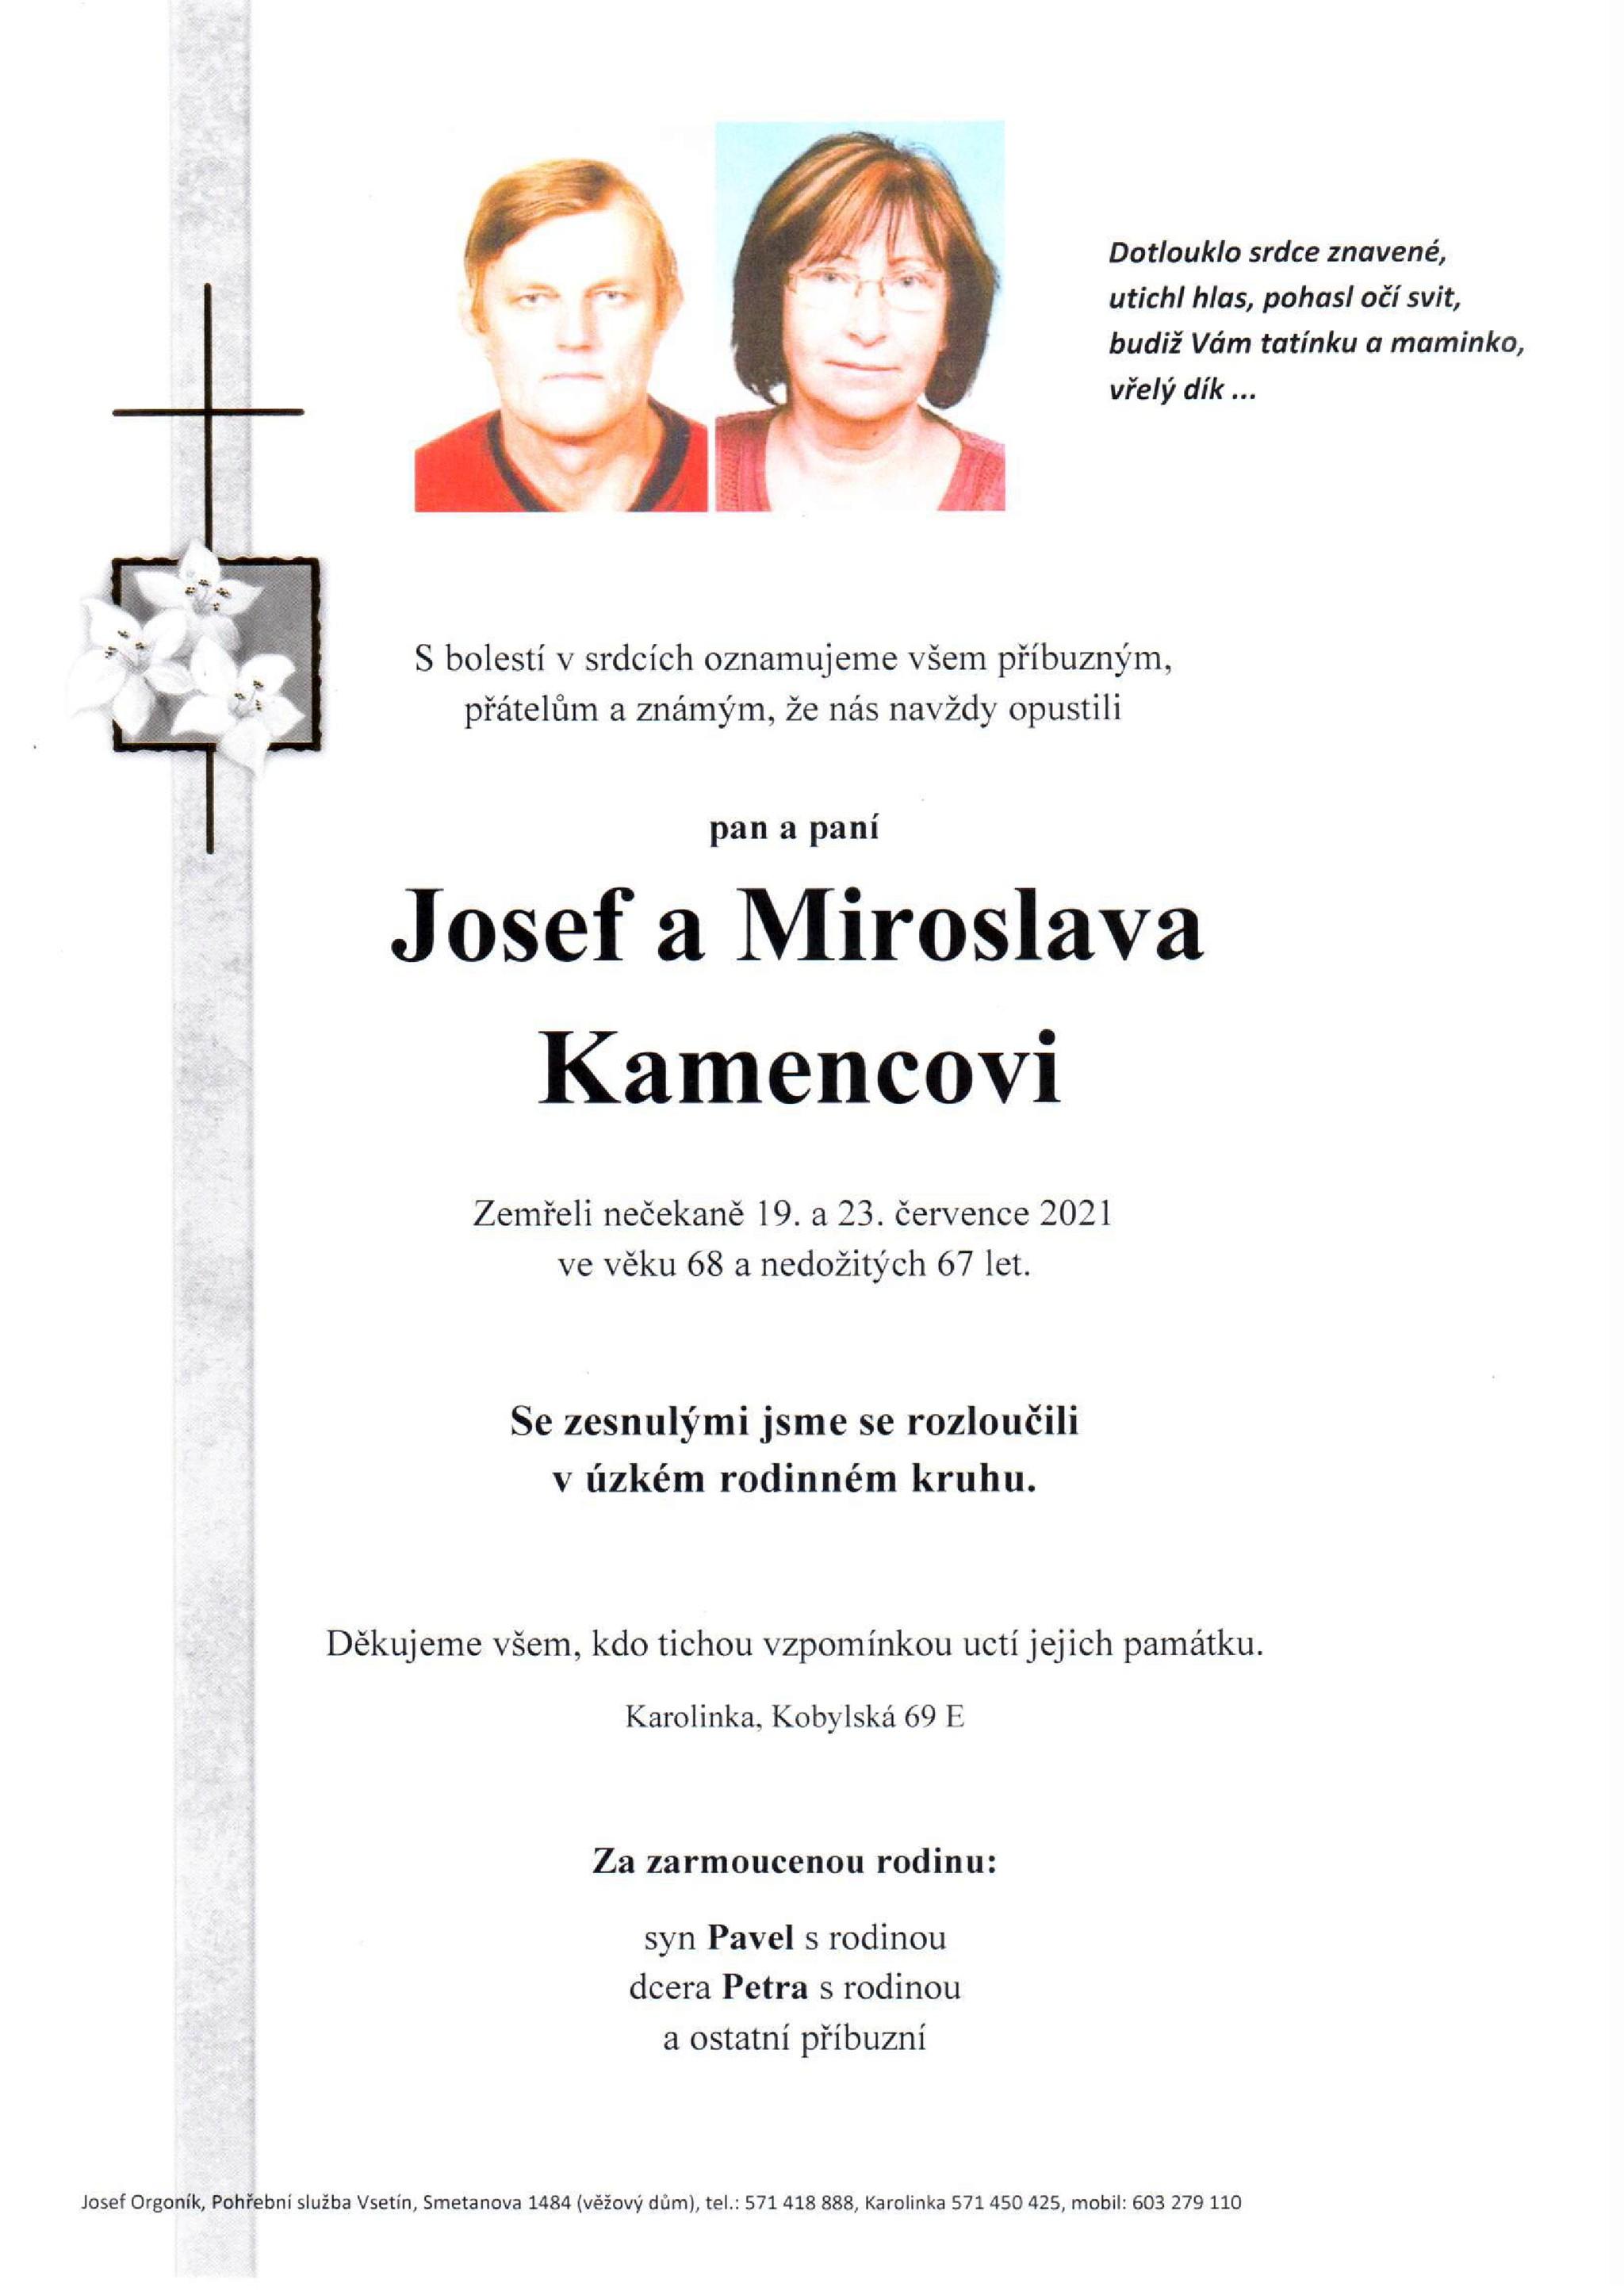 Josef a Miroslava Kamencovi